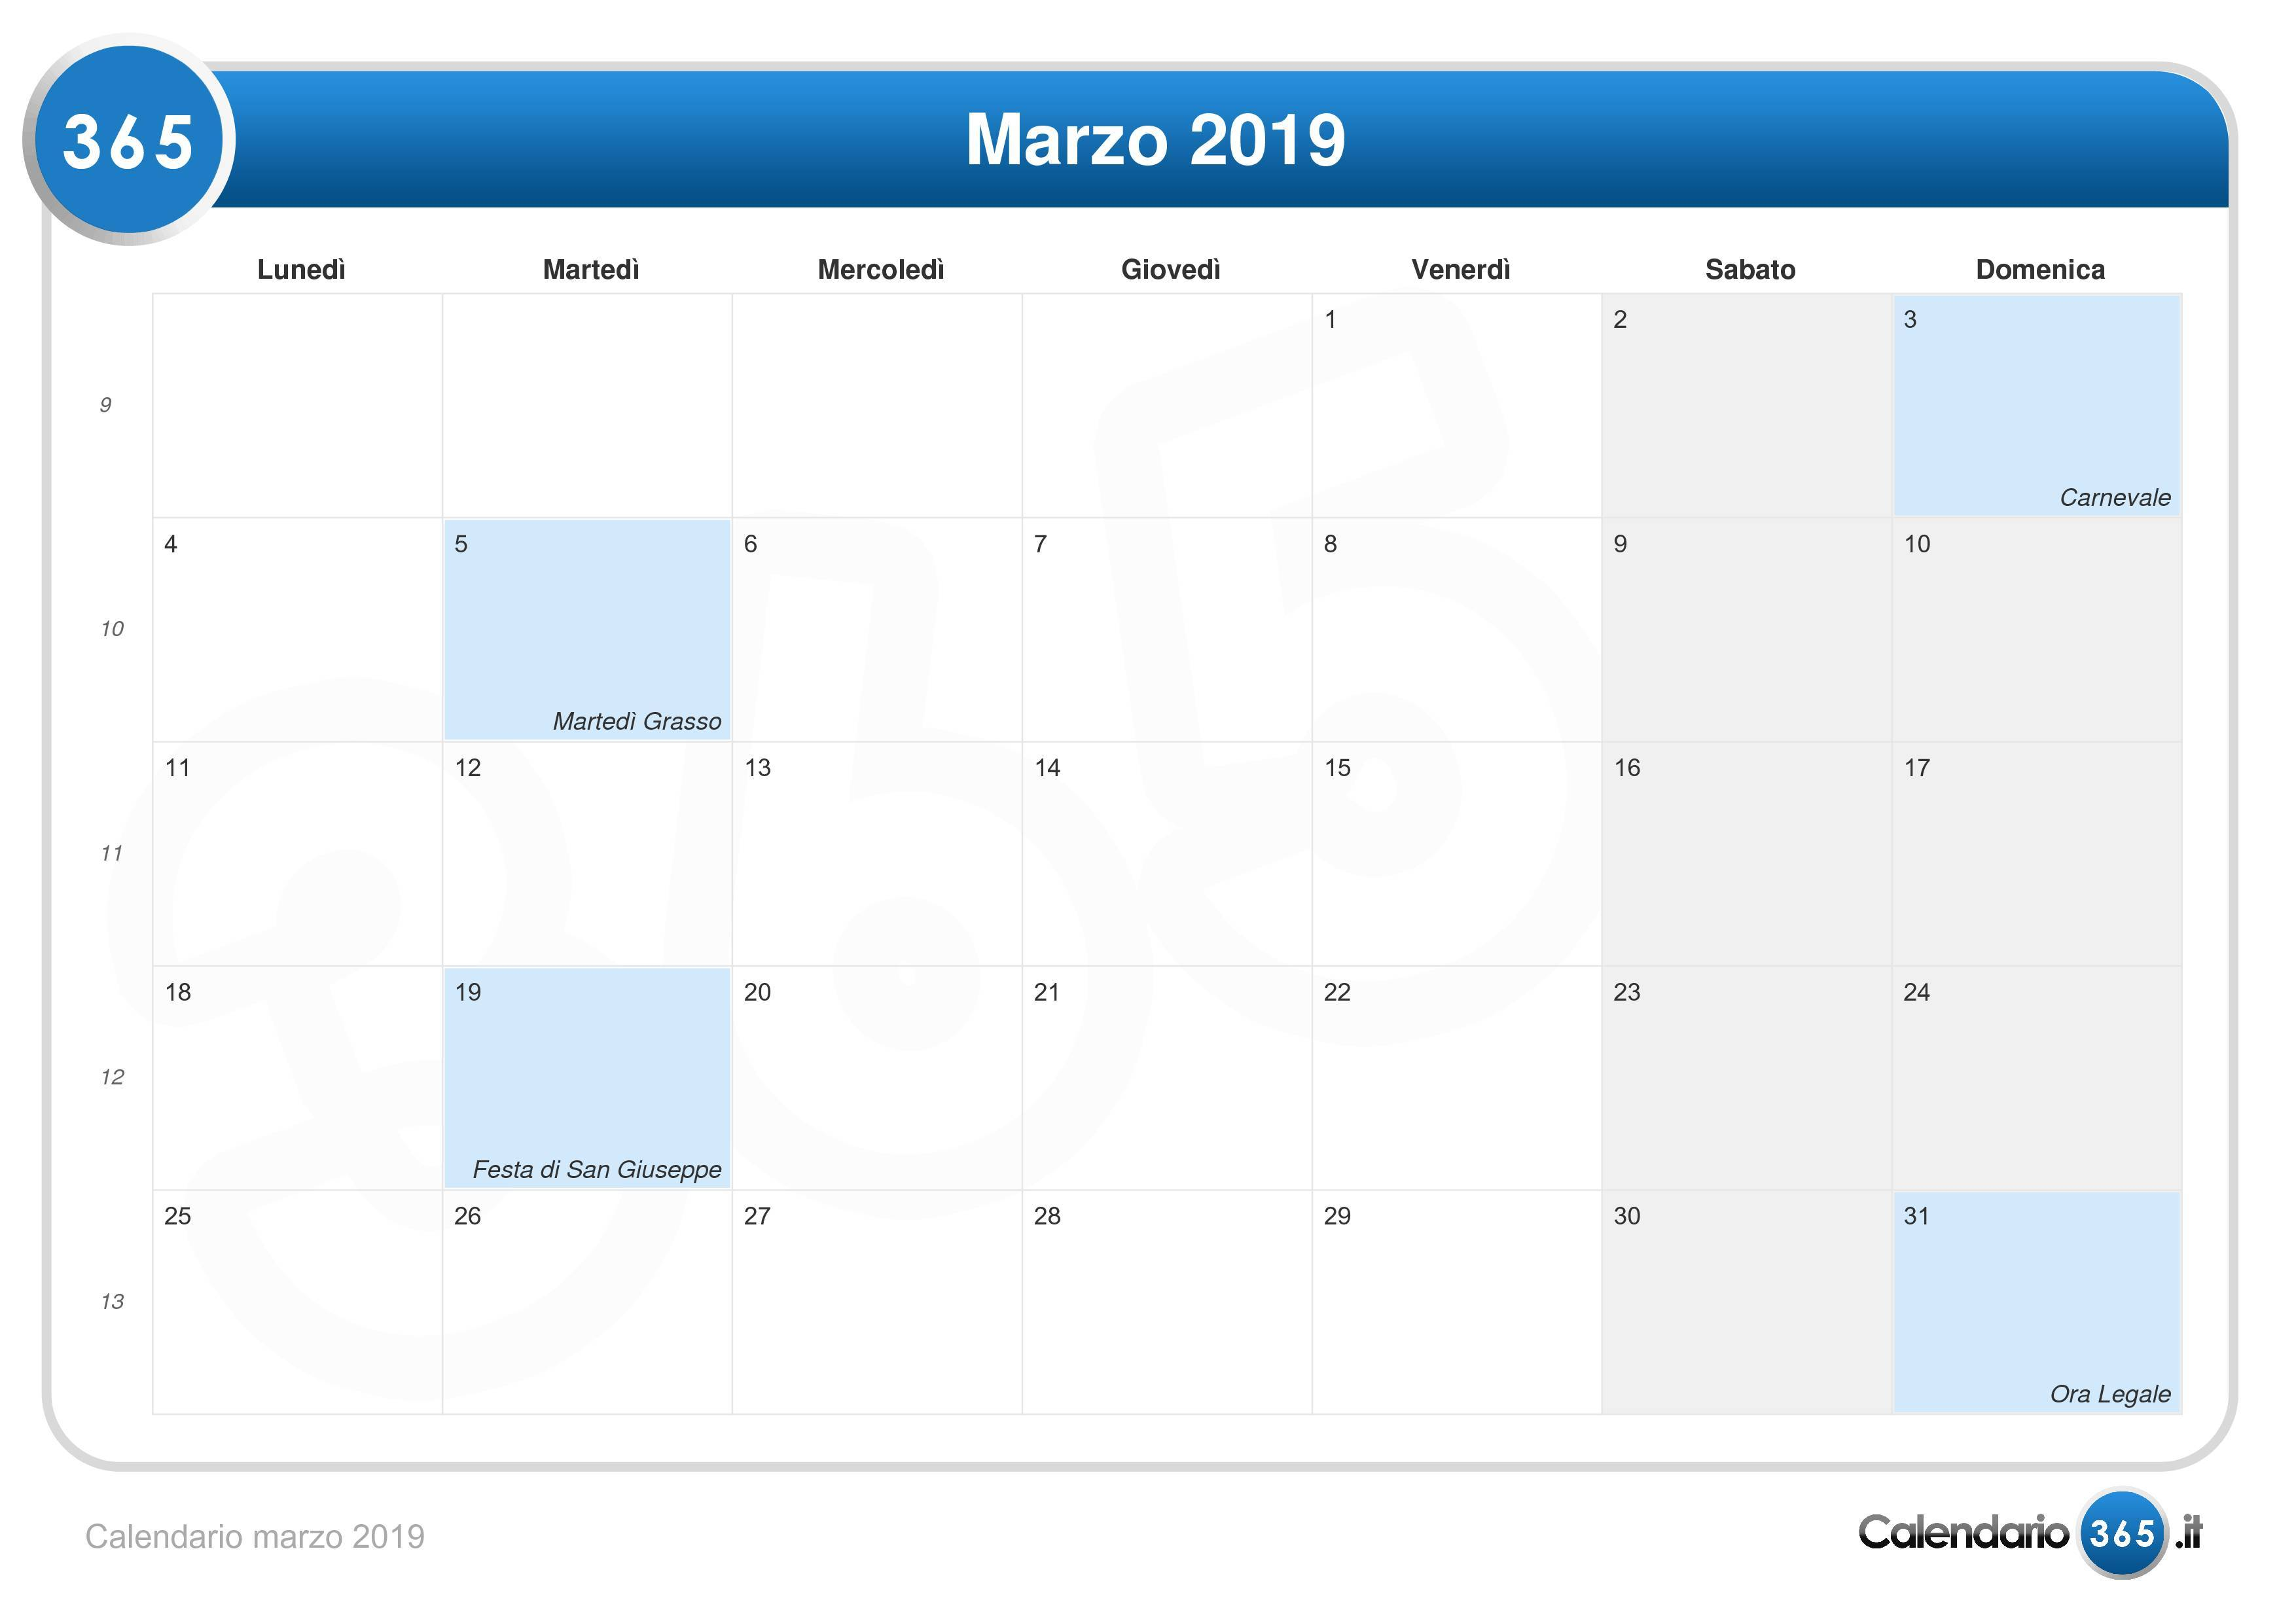 Calendario Di Marzo.Calendario Marzo 2019